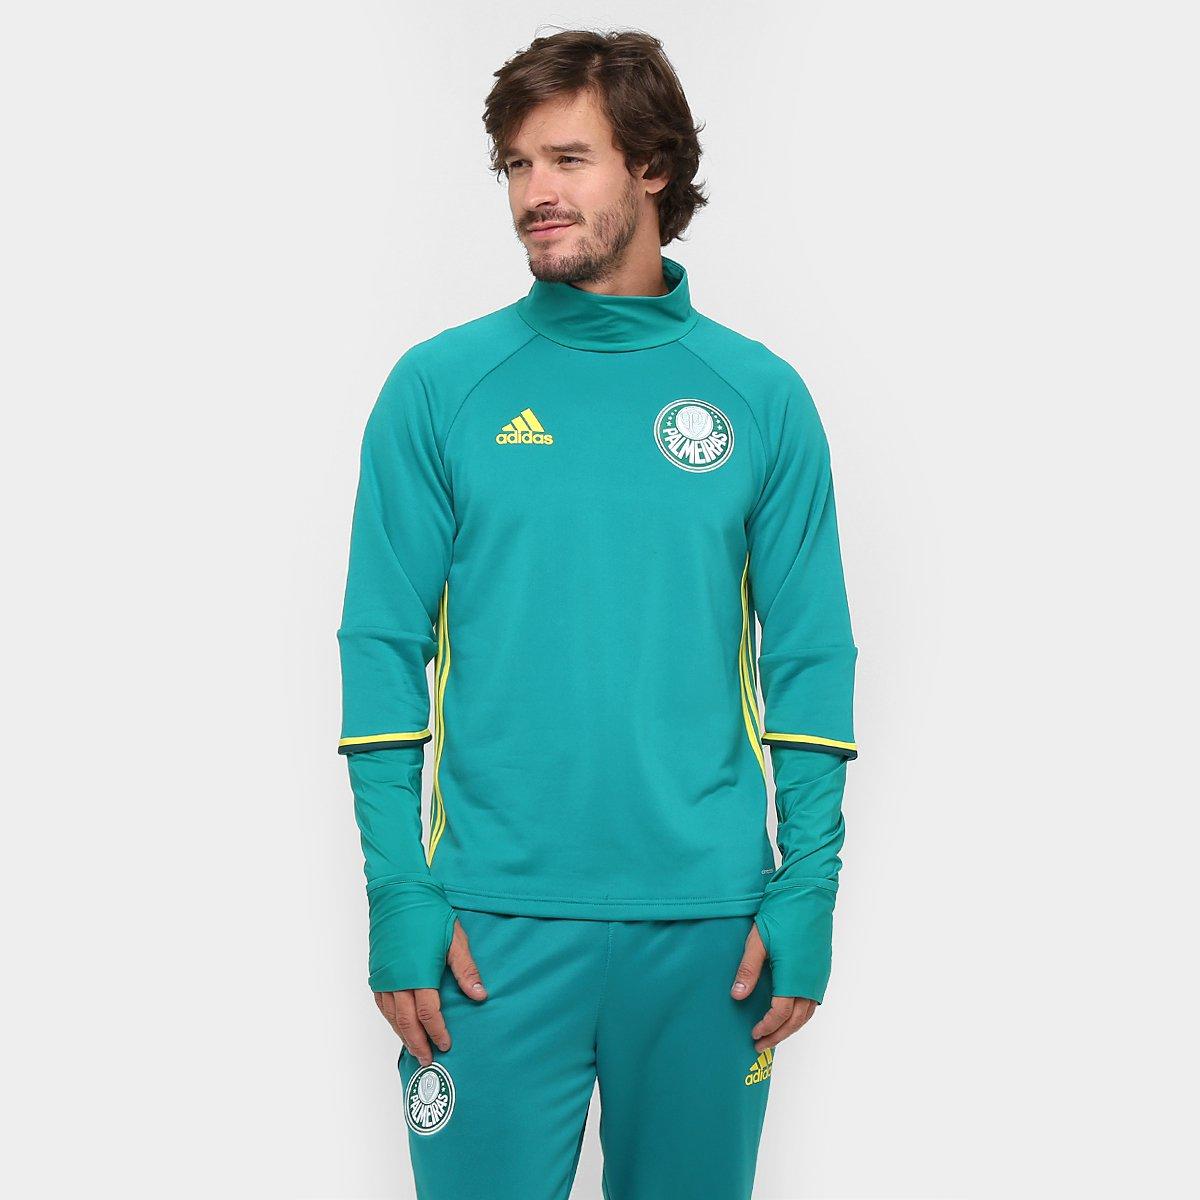 aa9f9c7095d02 Moletom Adidas Palmeiras Treino - Compre Agora